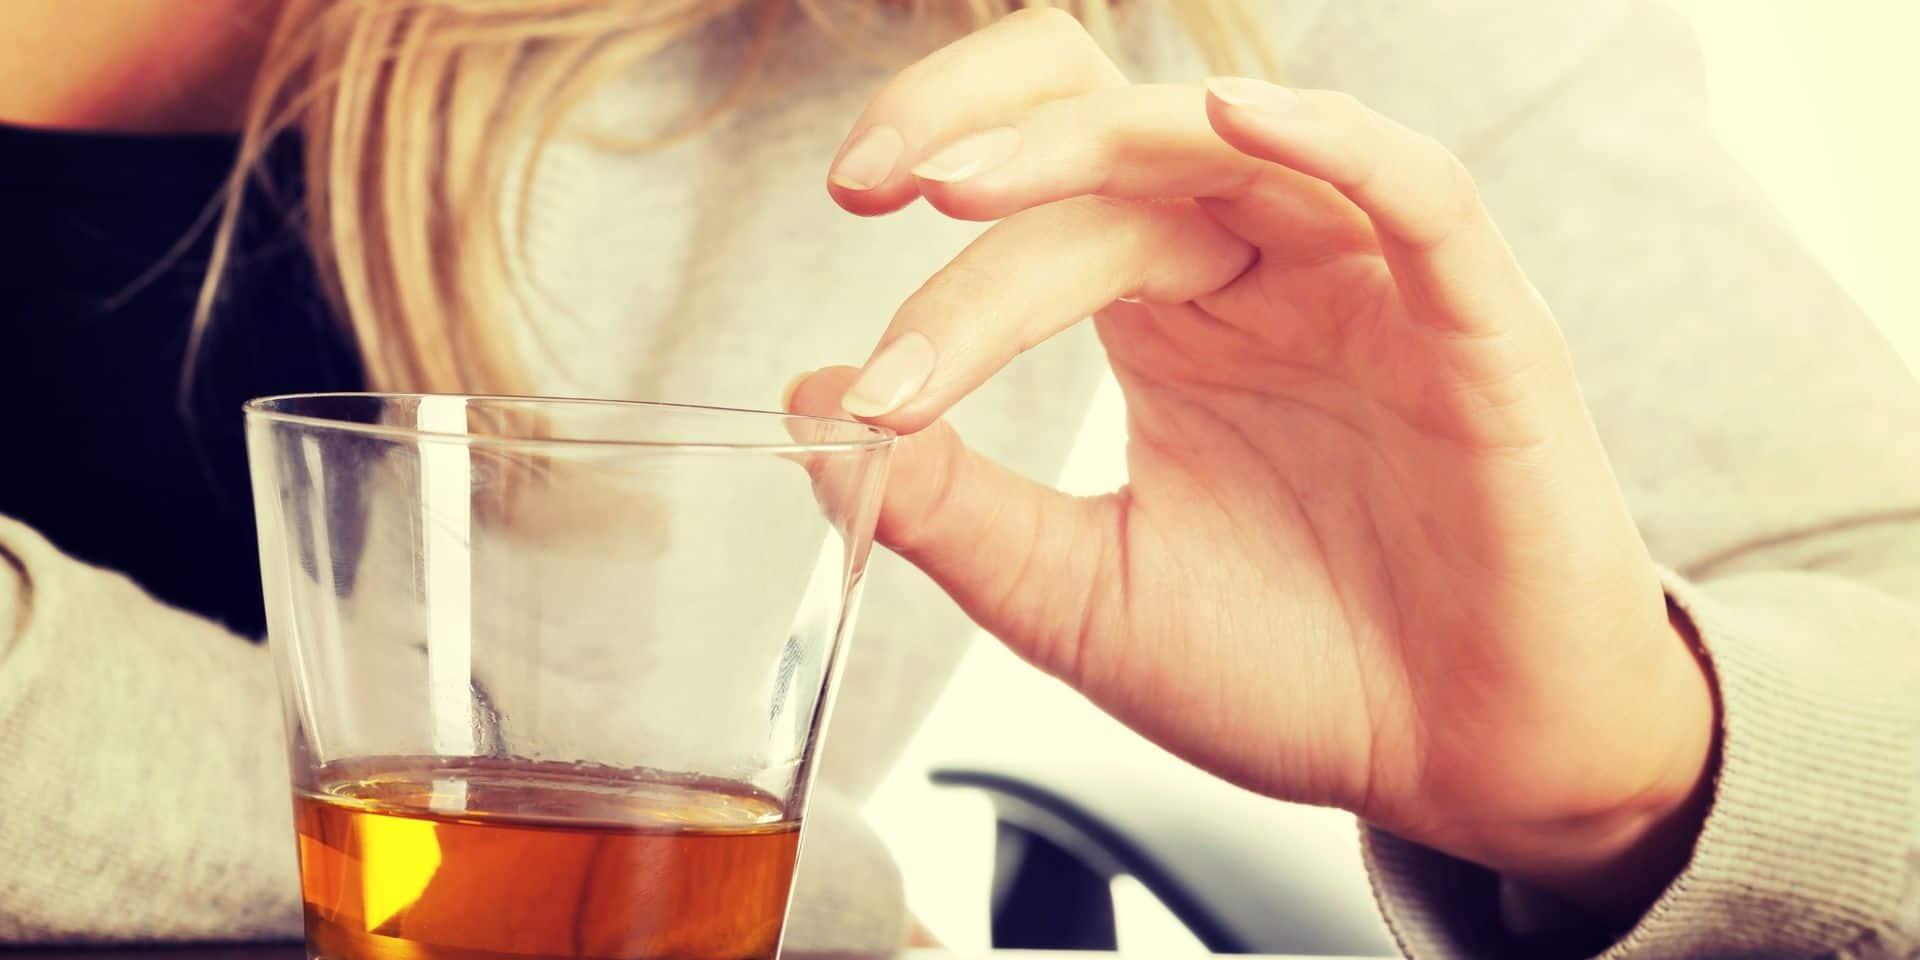 """Consommation d'alcool: """"Si je devais passer par un cliché, la femme boit plutôt seule et en cachette et l'homme avec ses copains et en faisant la fête"""""""